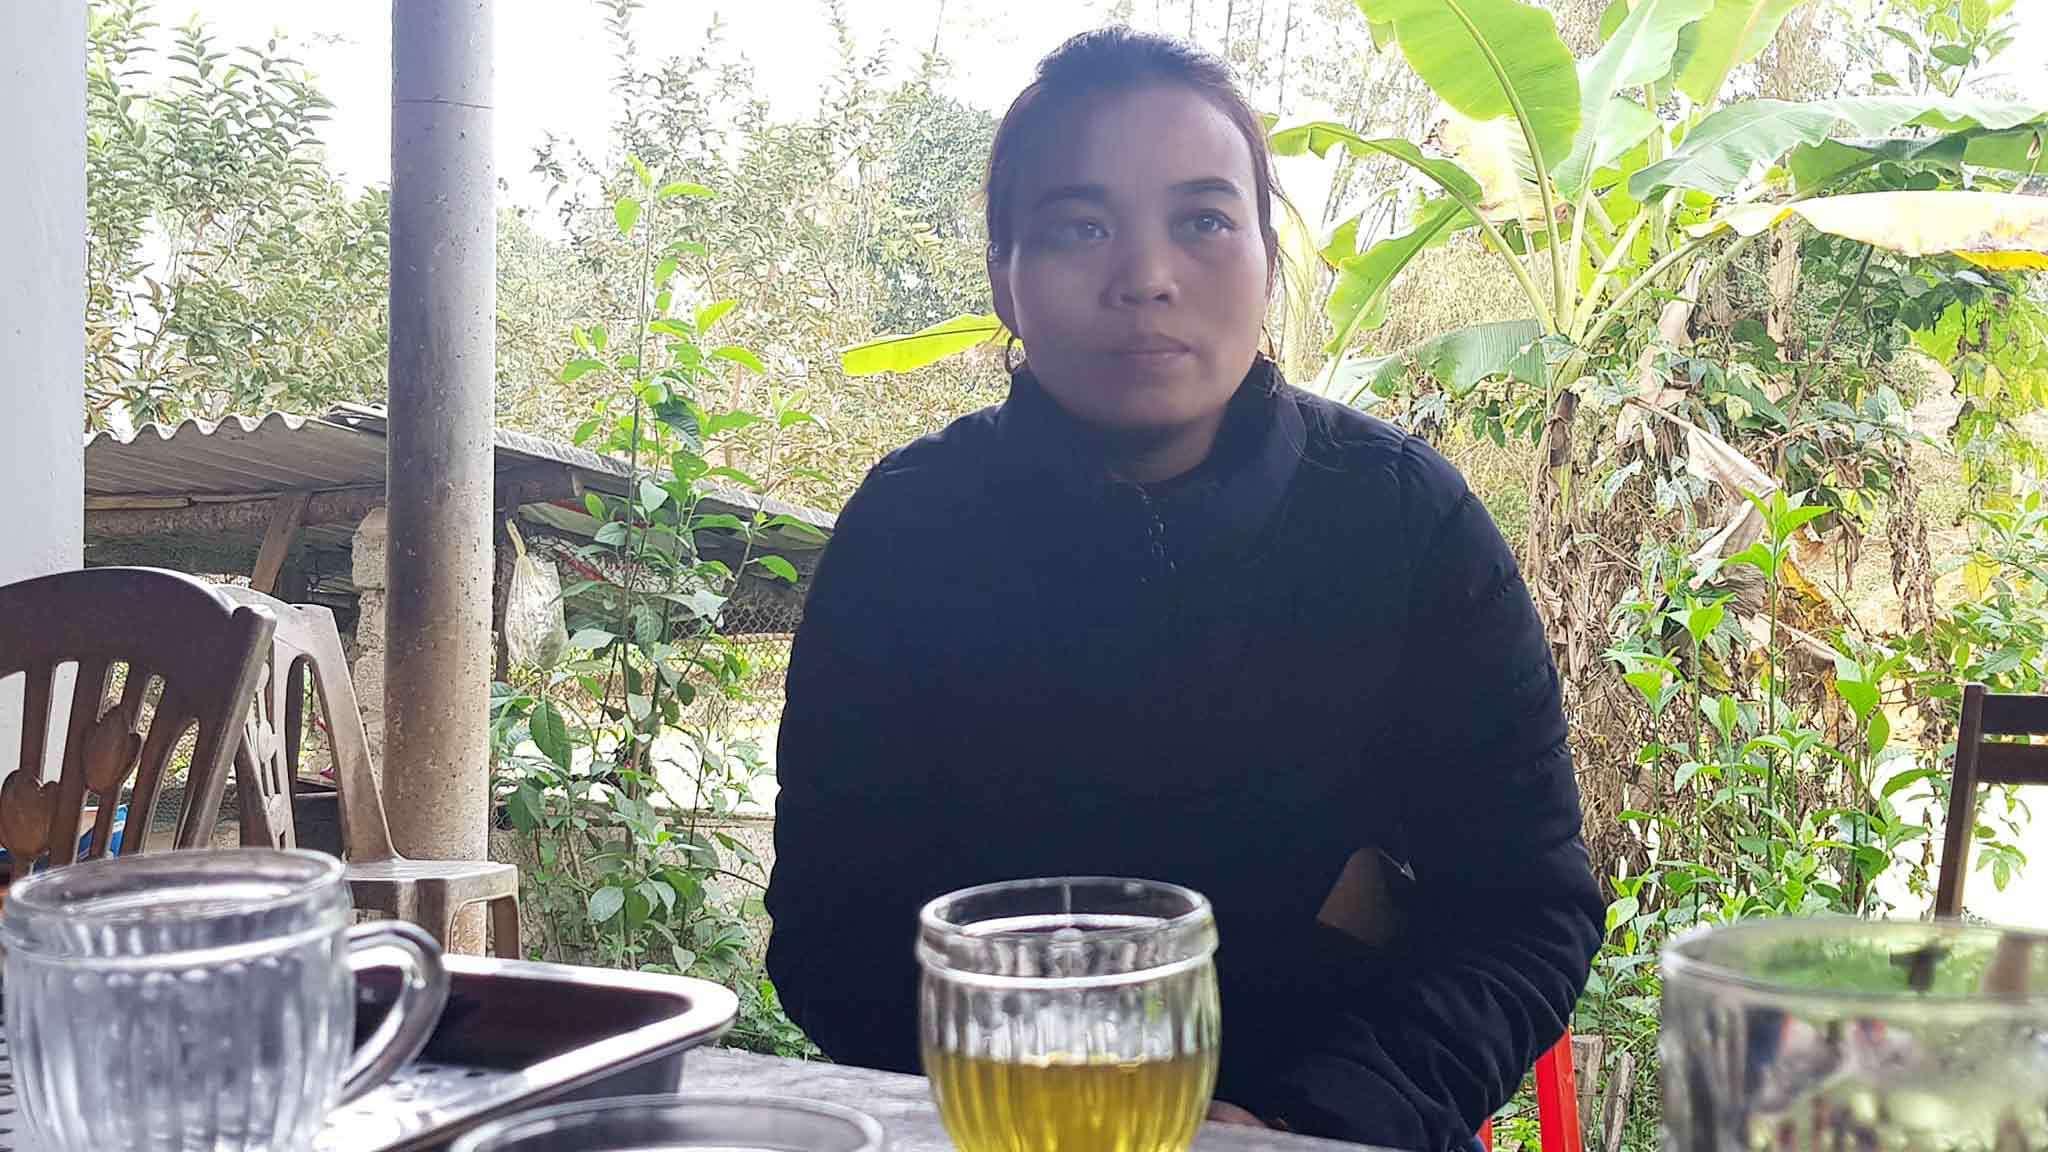 Vụ nữ tiểu thương hắt tiết lợn: Chủ tịch huyện bị tố tát dân